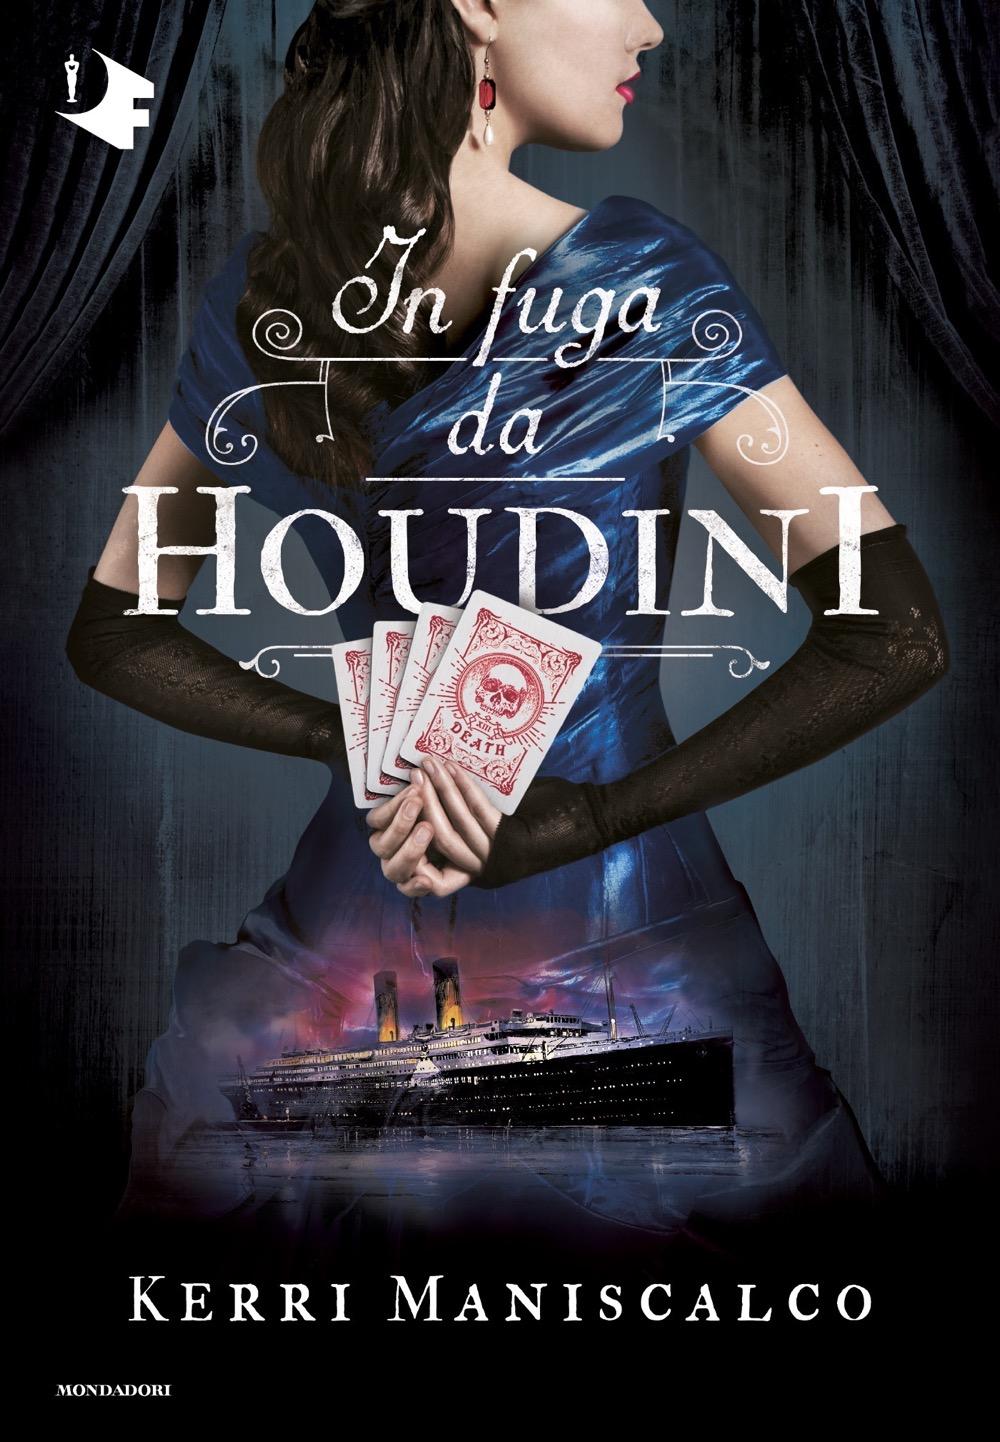 In fuga da Houdini - Kerri Maniscalco | Oscar Mondadori